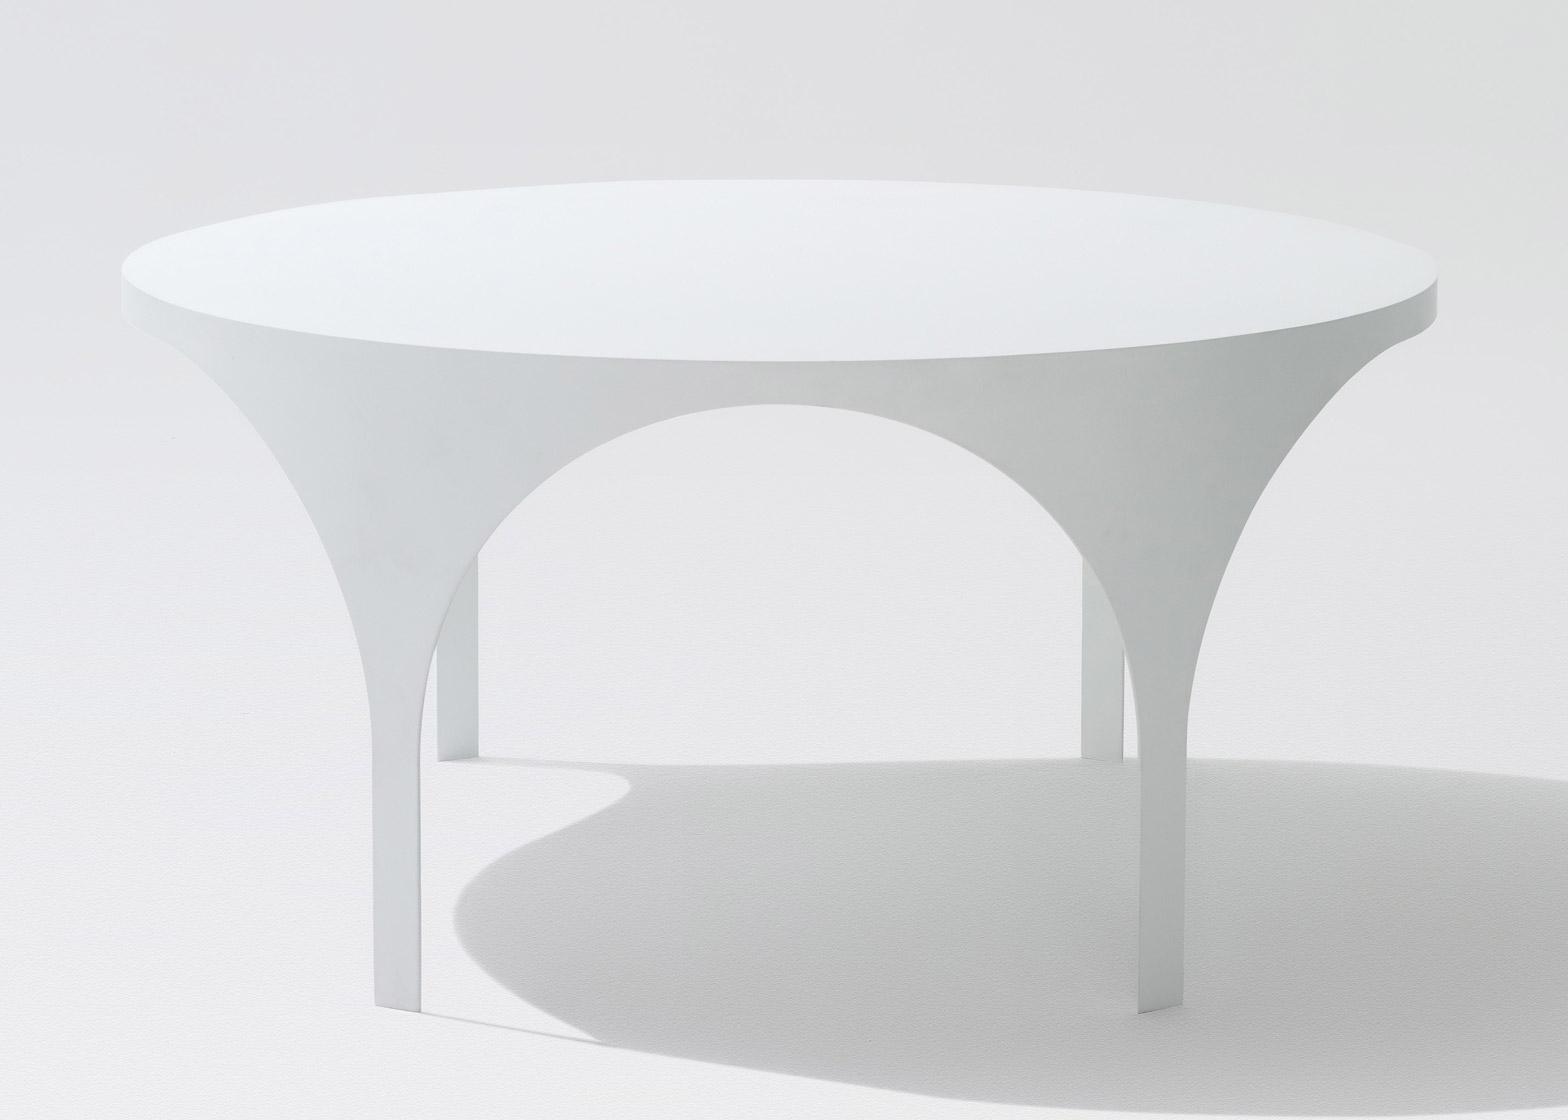 Кофейный стол с арками в белом цвете - Фото 3